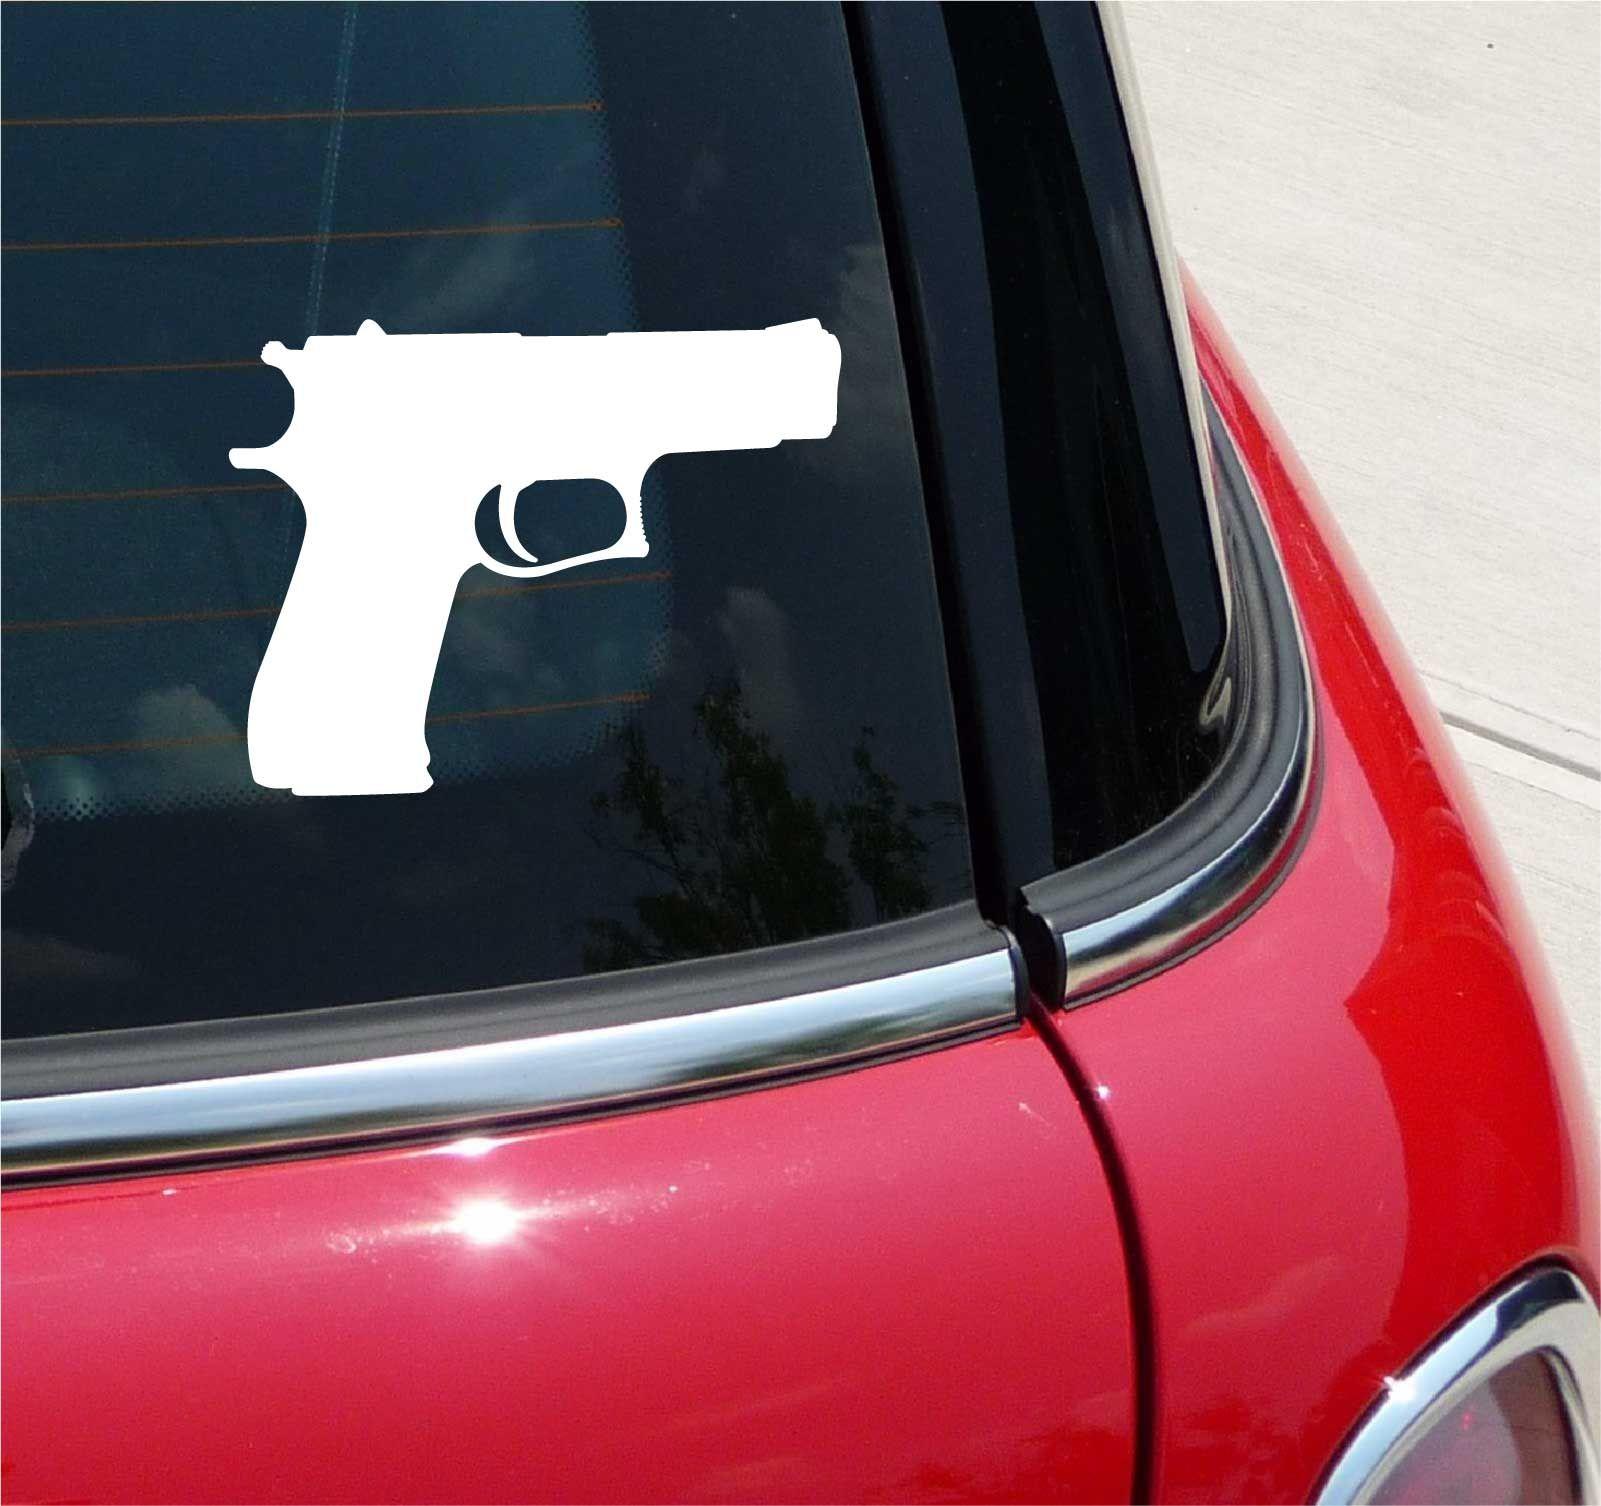 Colt 45 Pistol Caliber Handgun Graphic Decal Sticker Vinyl Car Wall